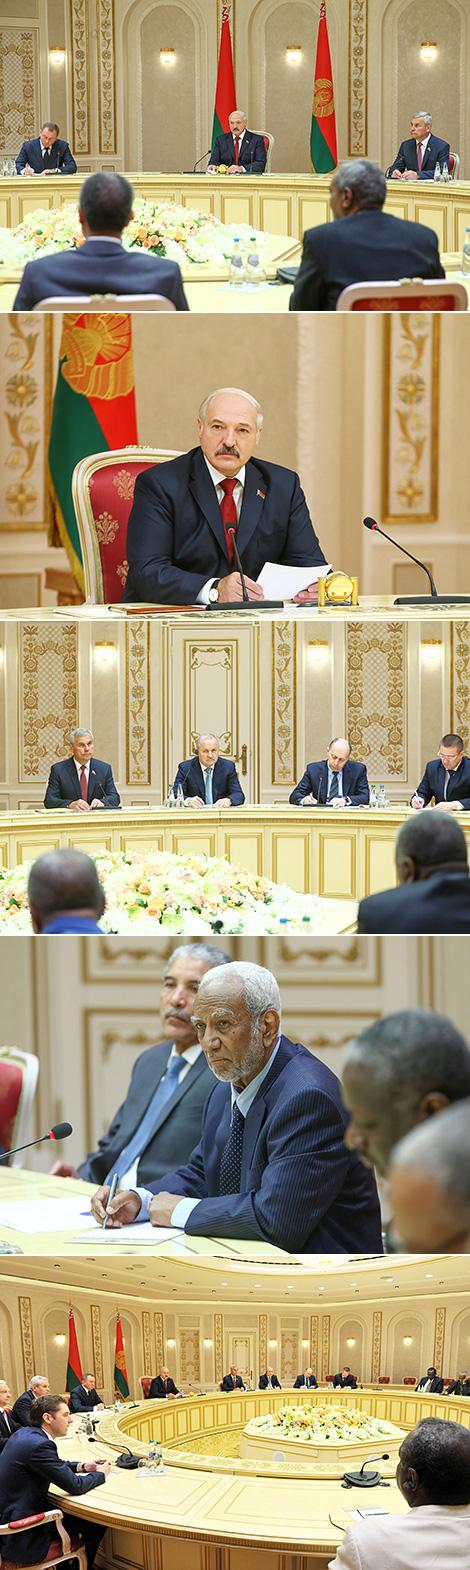 Лукашенко: Беларусь всерьез настроена на успешное воплощение совместных проектов с Суданом